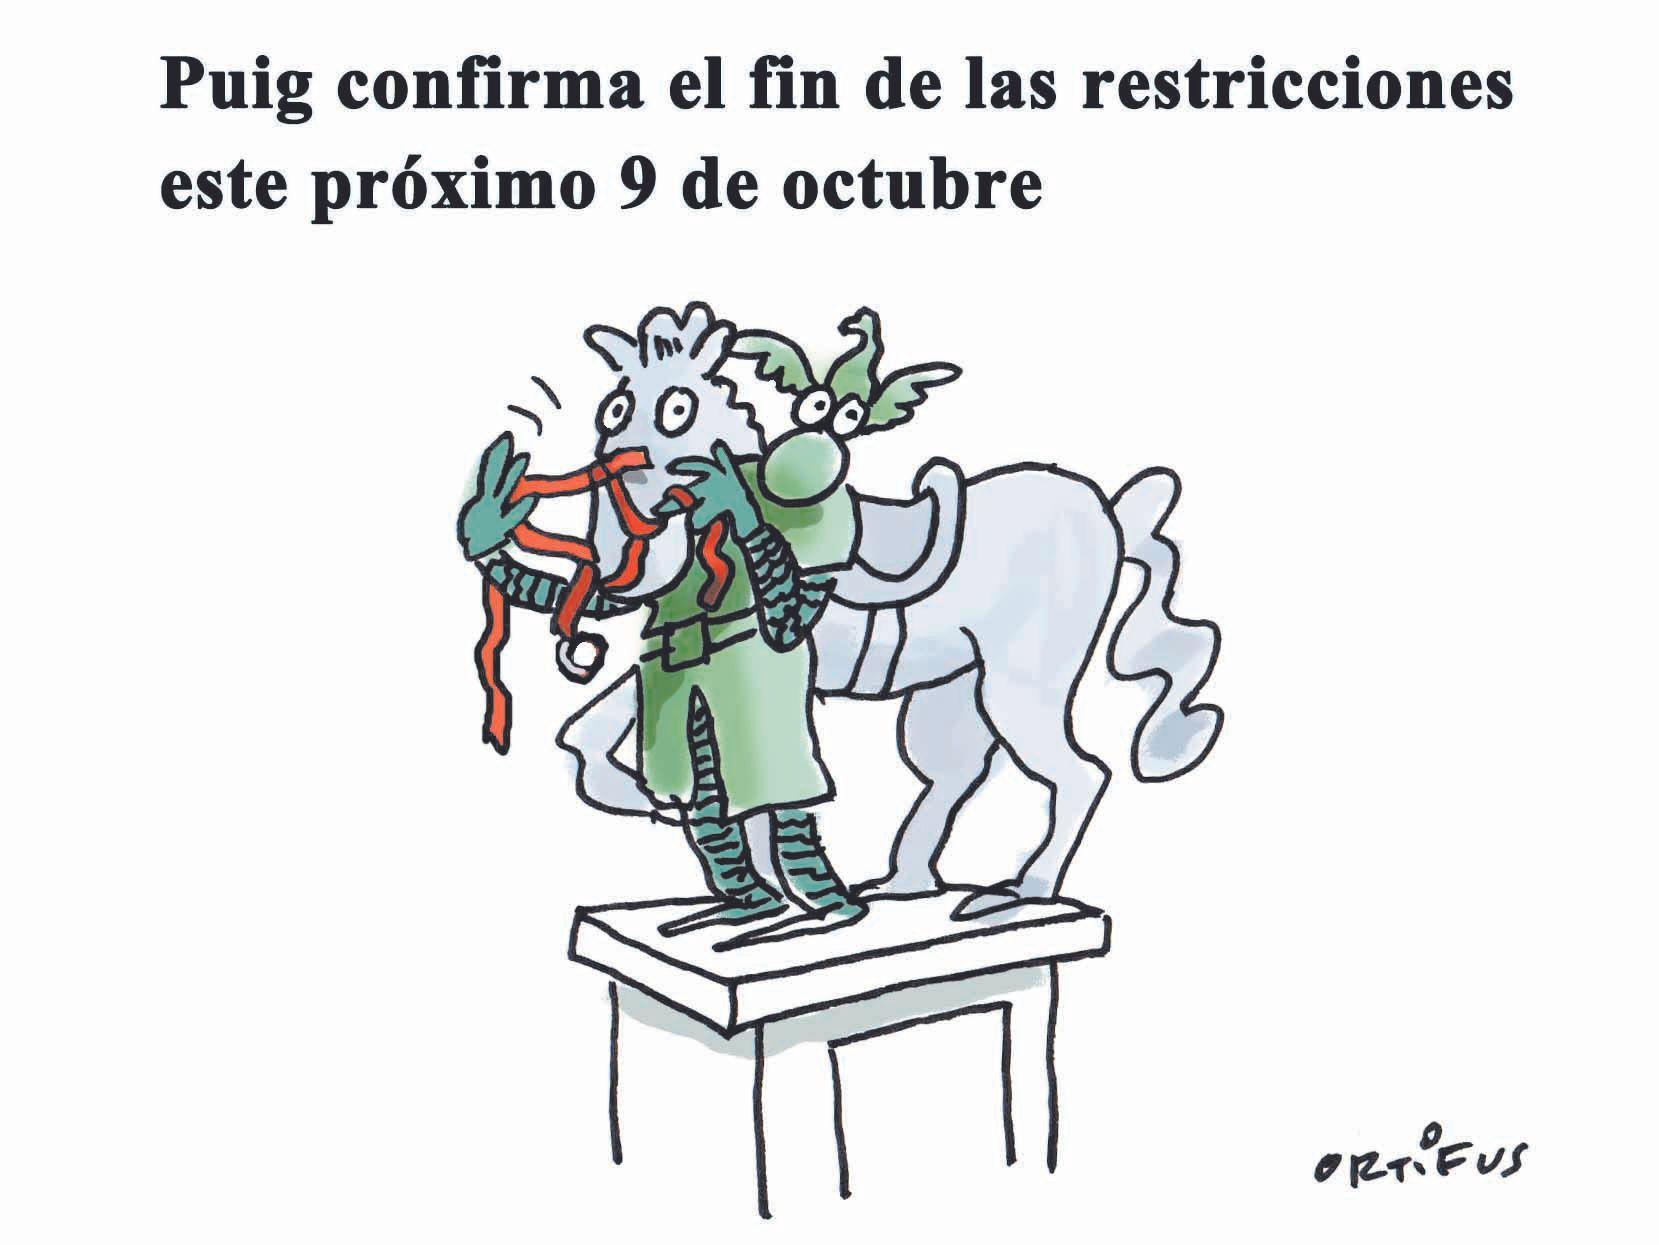 Puig confirma el fin de las restricciones este próximo 9 d'Octubre